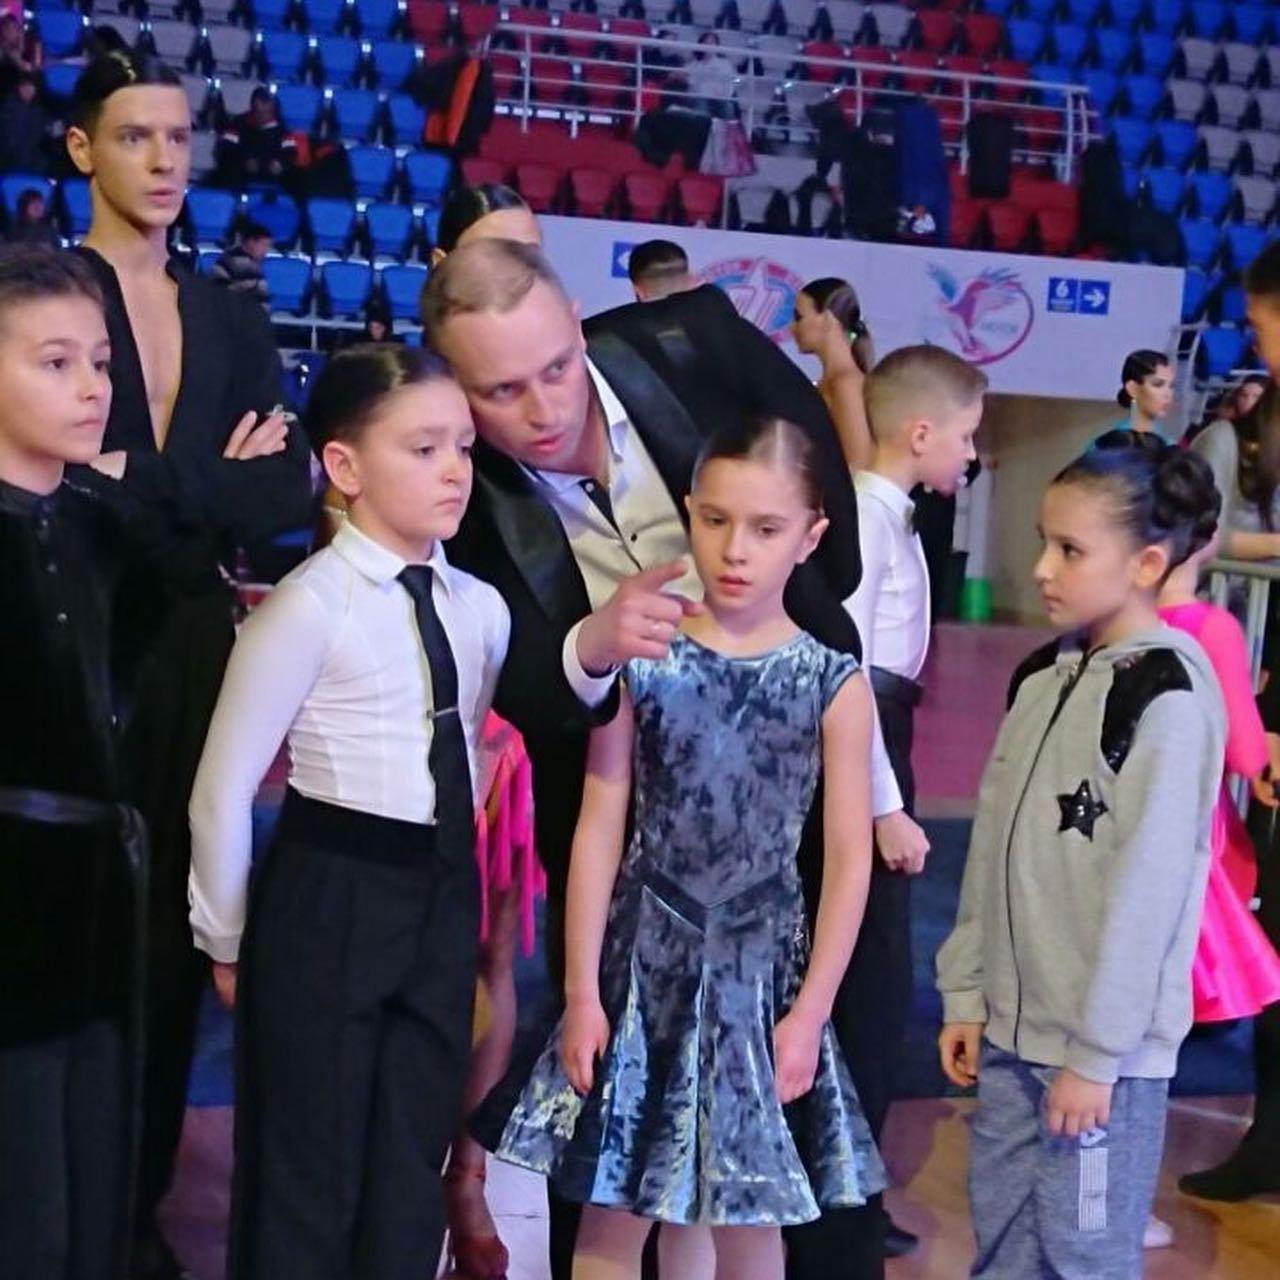 Коллектив спортивно-бального танца «Переможець»  показал высокие результаты на международном чемпионате , фото-1